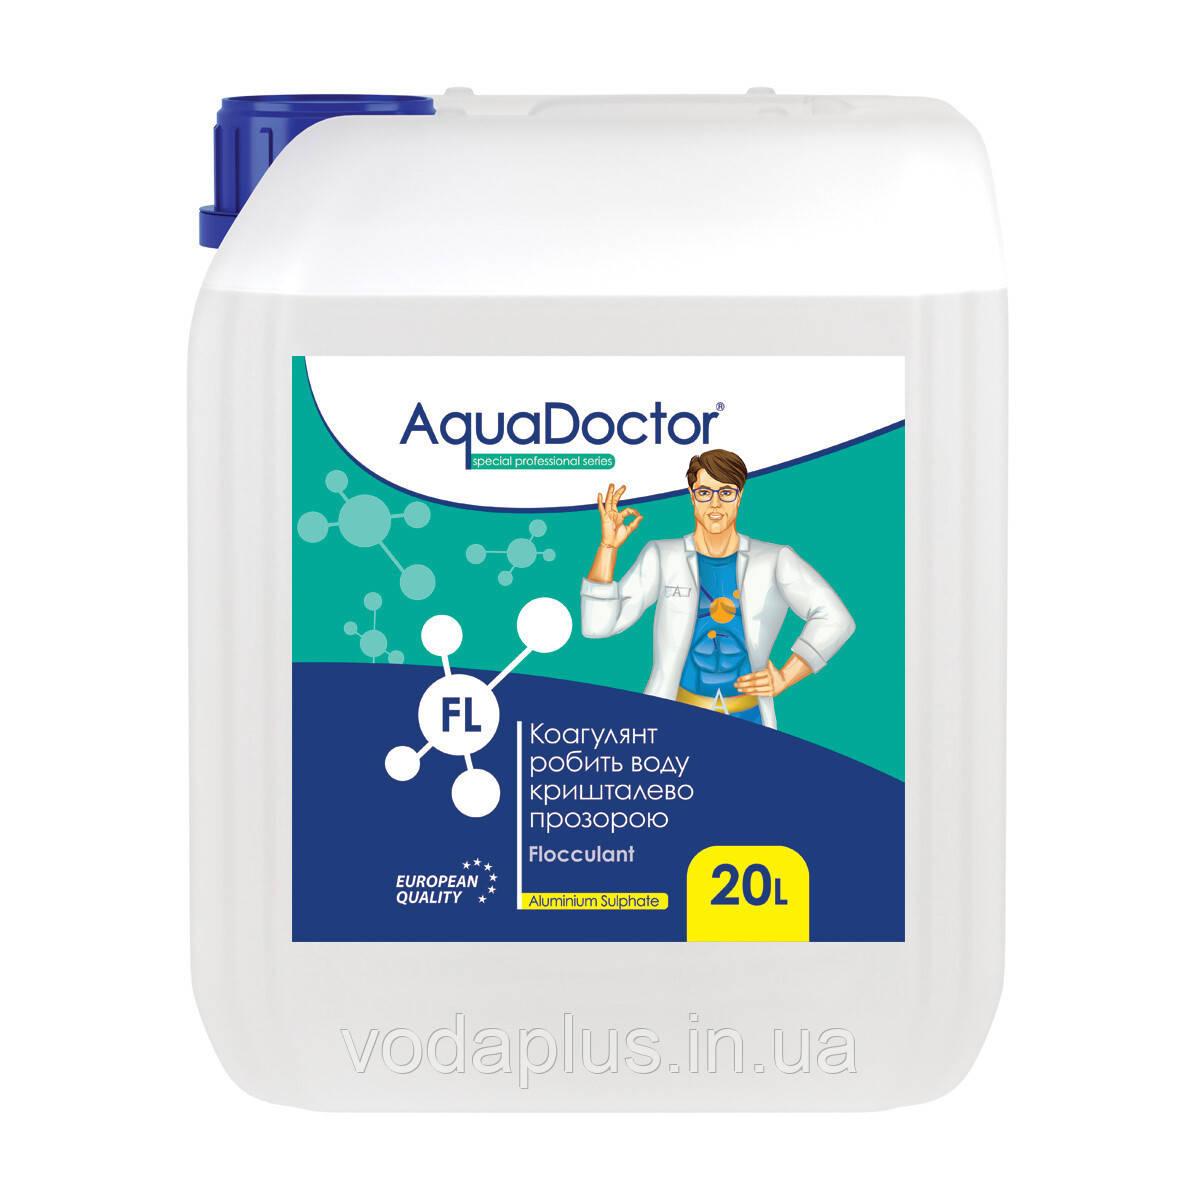 Жидкое коагулирующее средство AquaDoctor FL 5 л